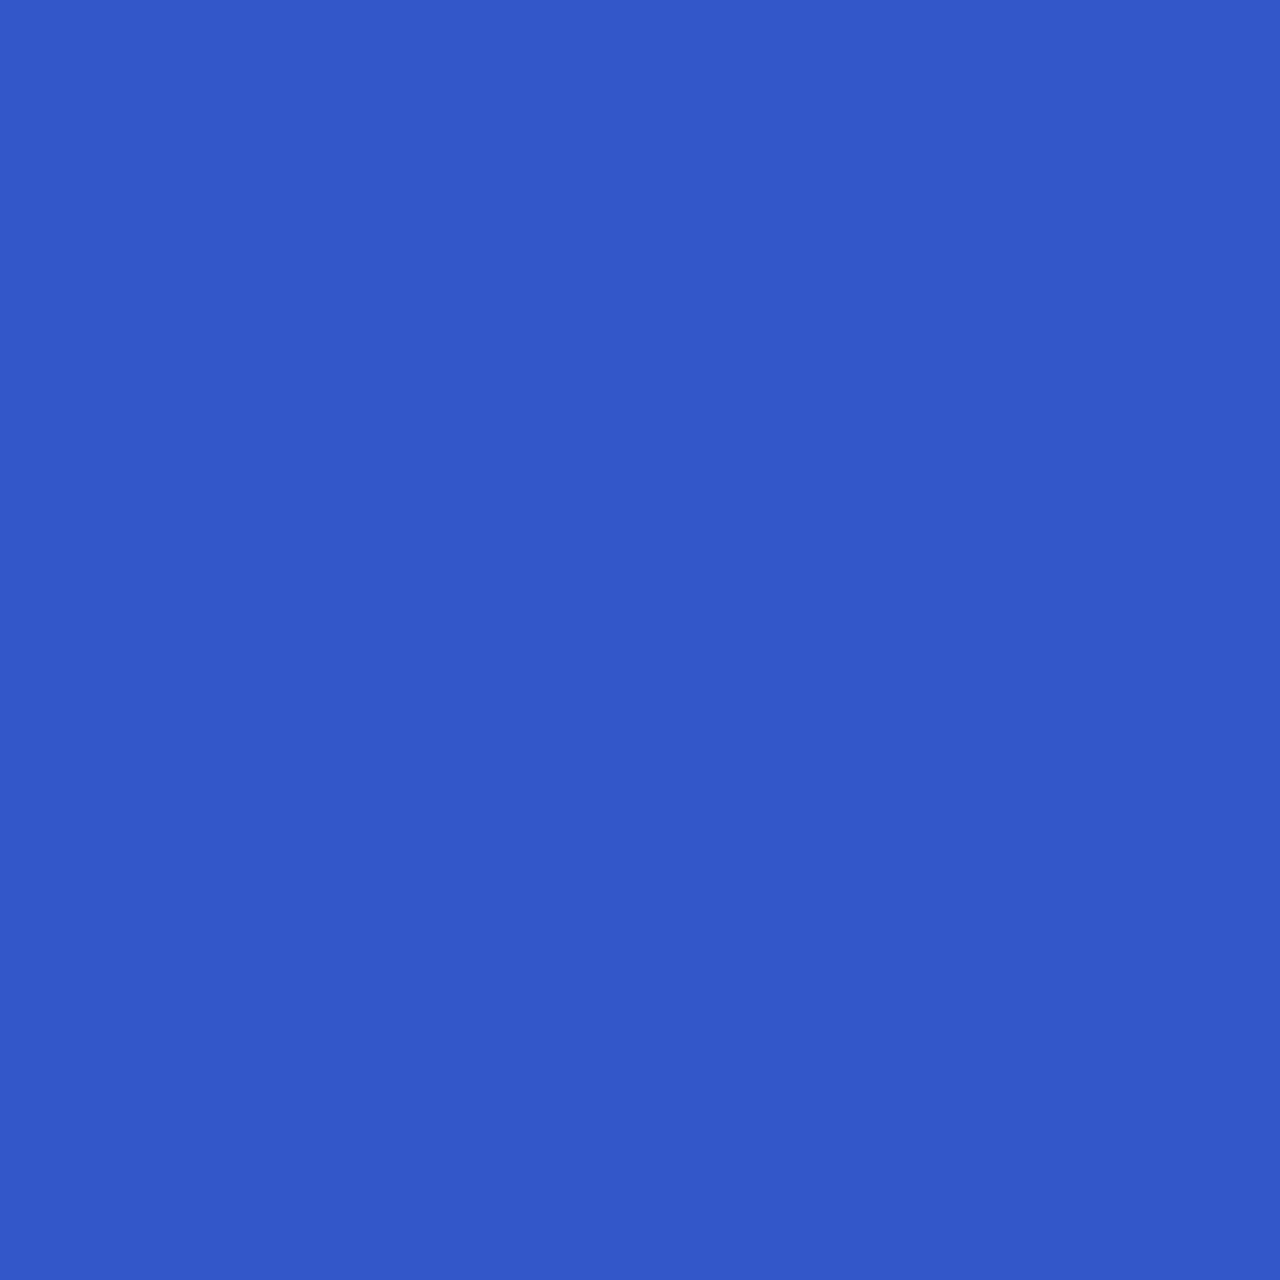 """#0125 Rosco Gels Roscolux Blue Cyc Silk, 20x24"""""""